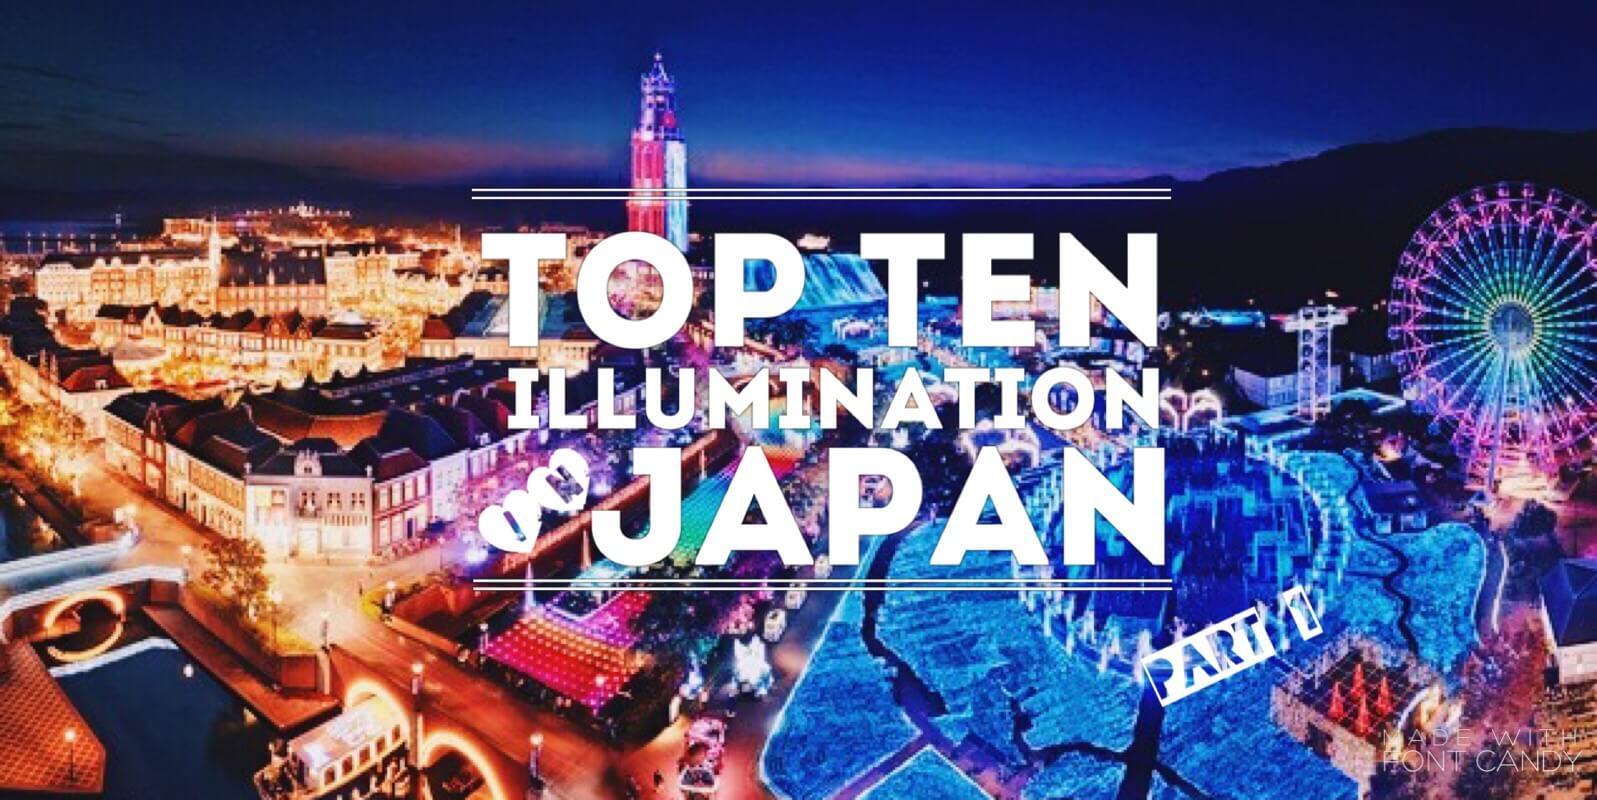 10 สถานที่ชม Illumination ประดับไฟสุดอลังการในญี่ปุ่น Part 1